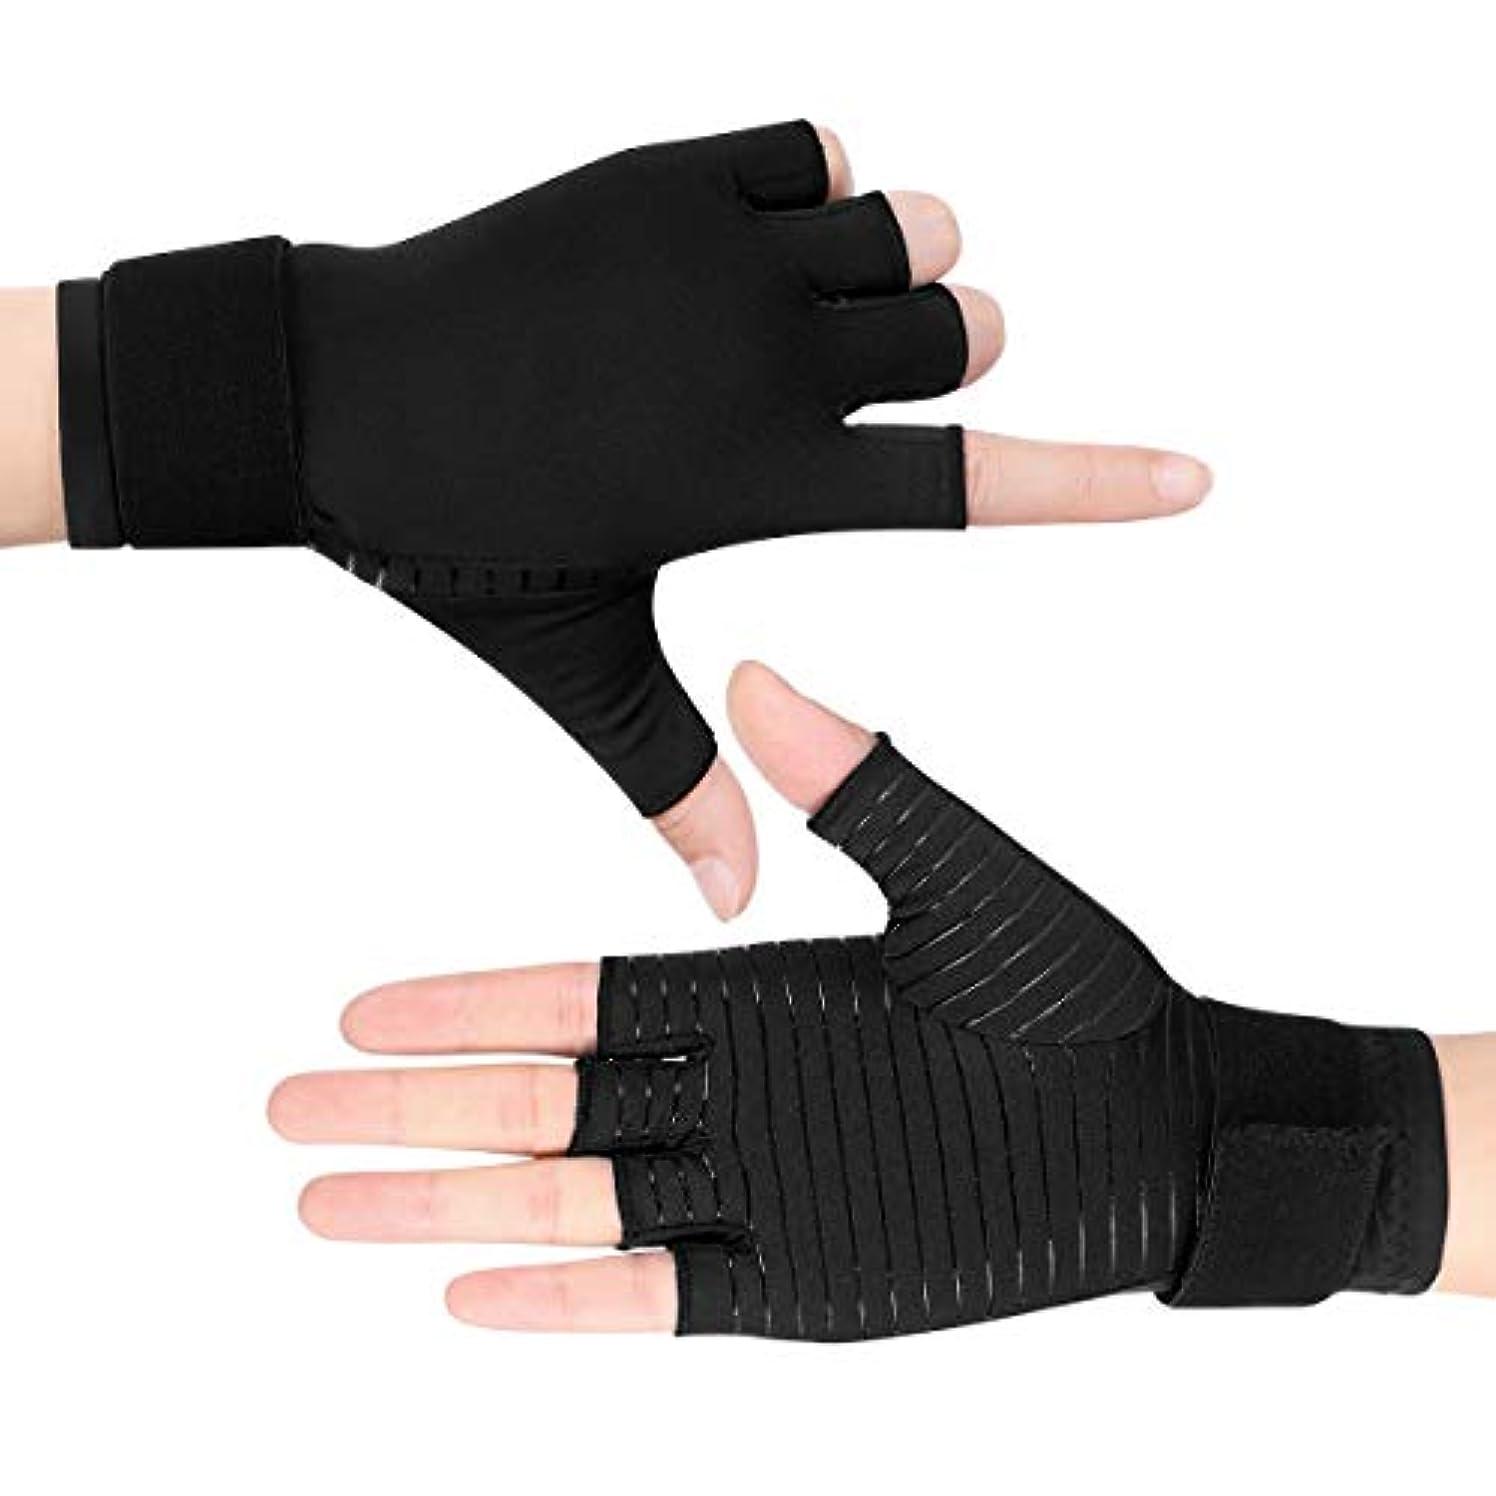 クライストチャーチ一定ビルダーHealifty 手首の手袋2対のユニセックス銅ポリ圧縮手袋ハーフフィンガーハンド関節炎関節痛緩和ジムグローブ(サイズM)